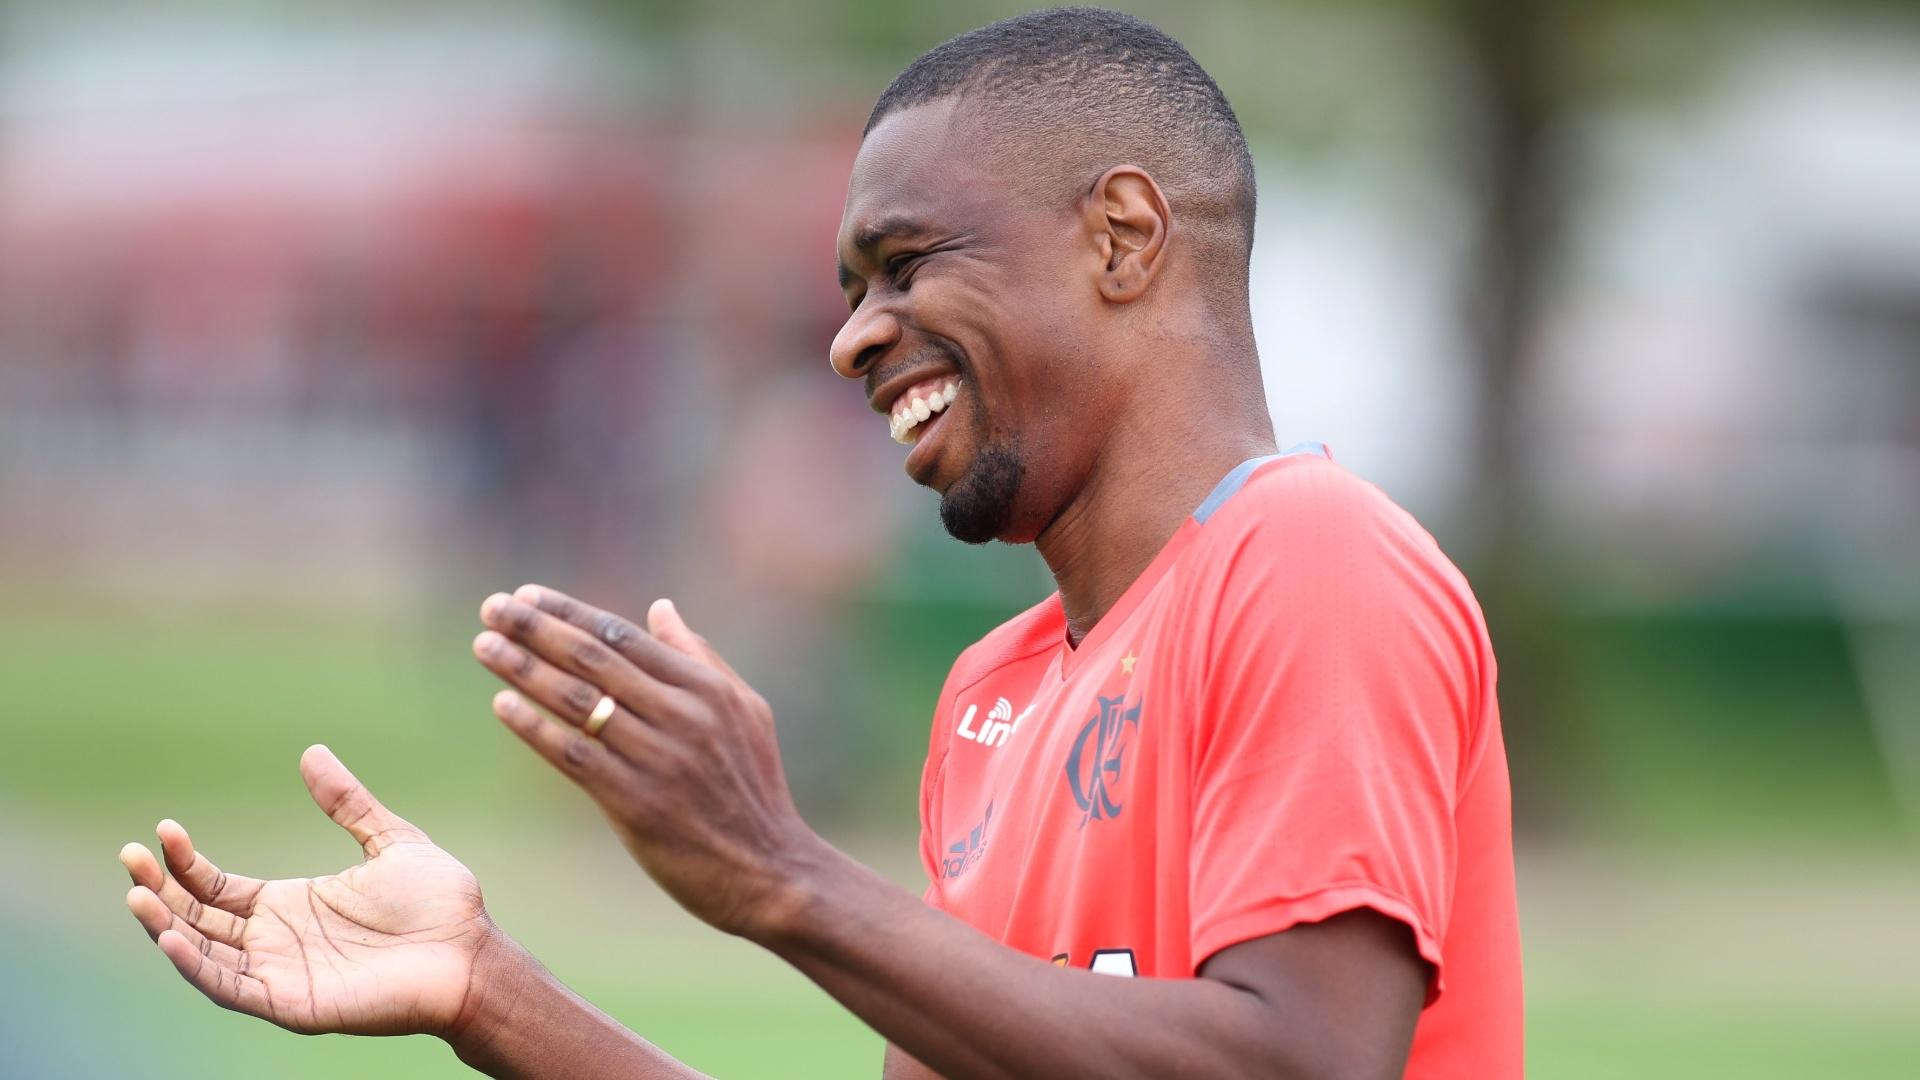 O veterano zagueiro Juan assinou o novo contrato com o Flamengo na última semana